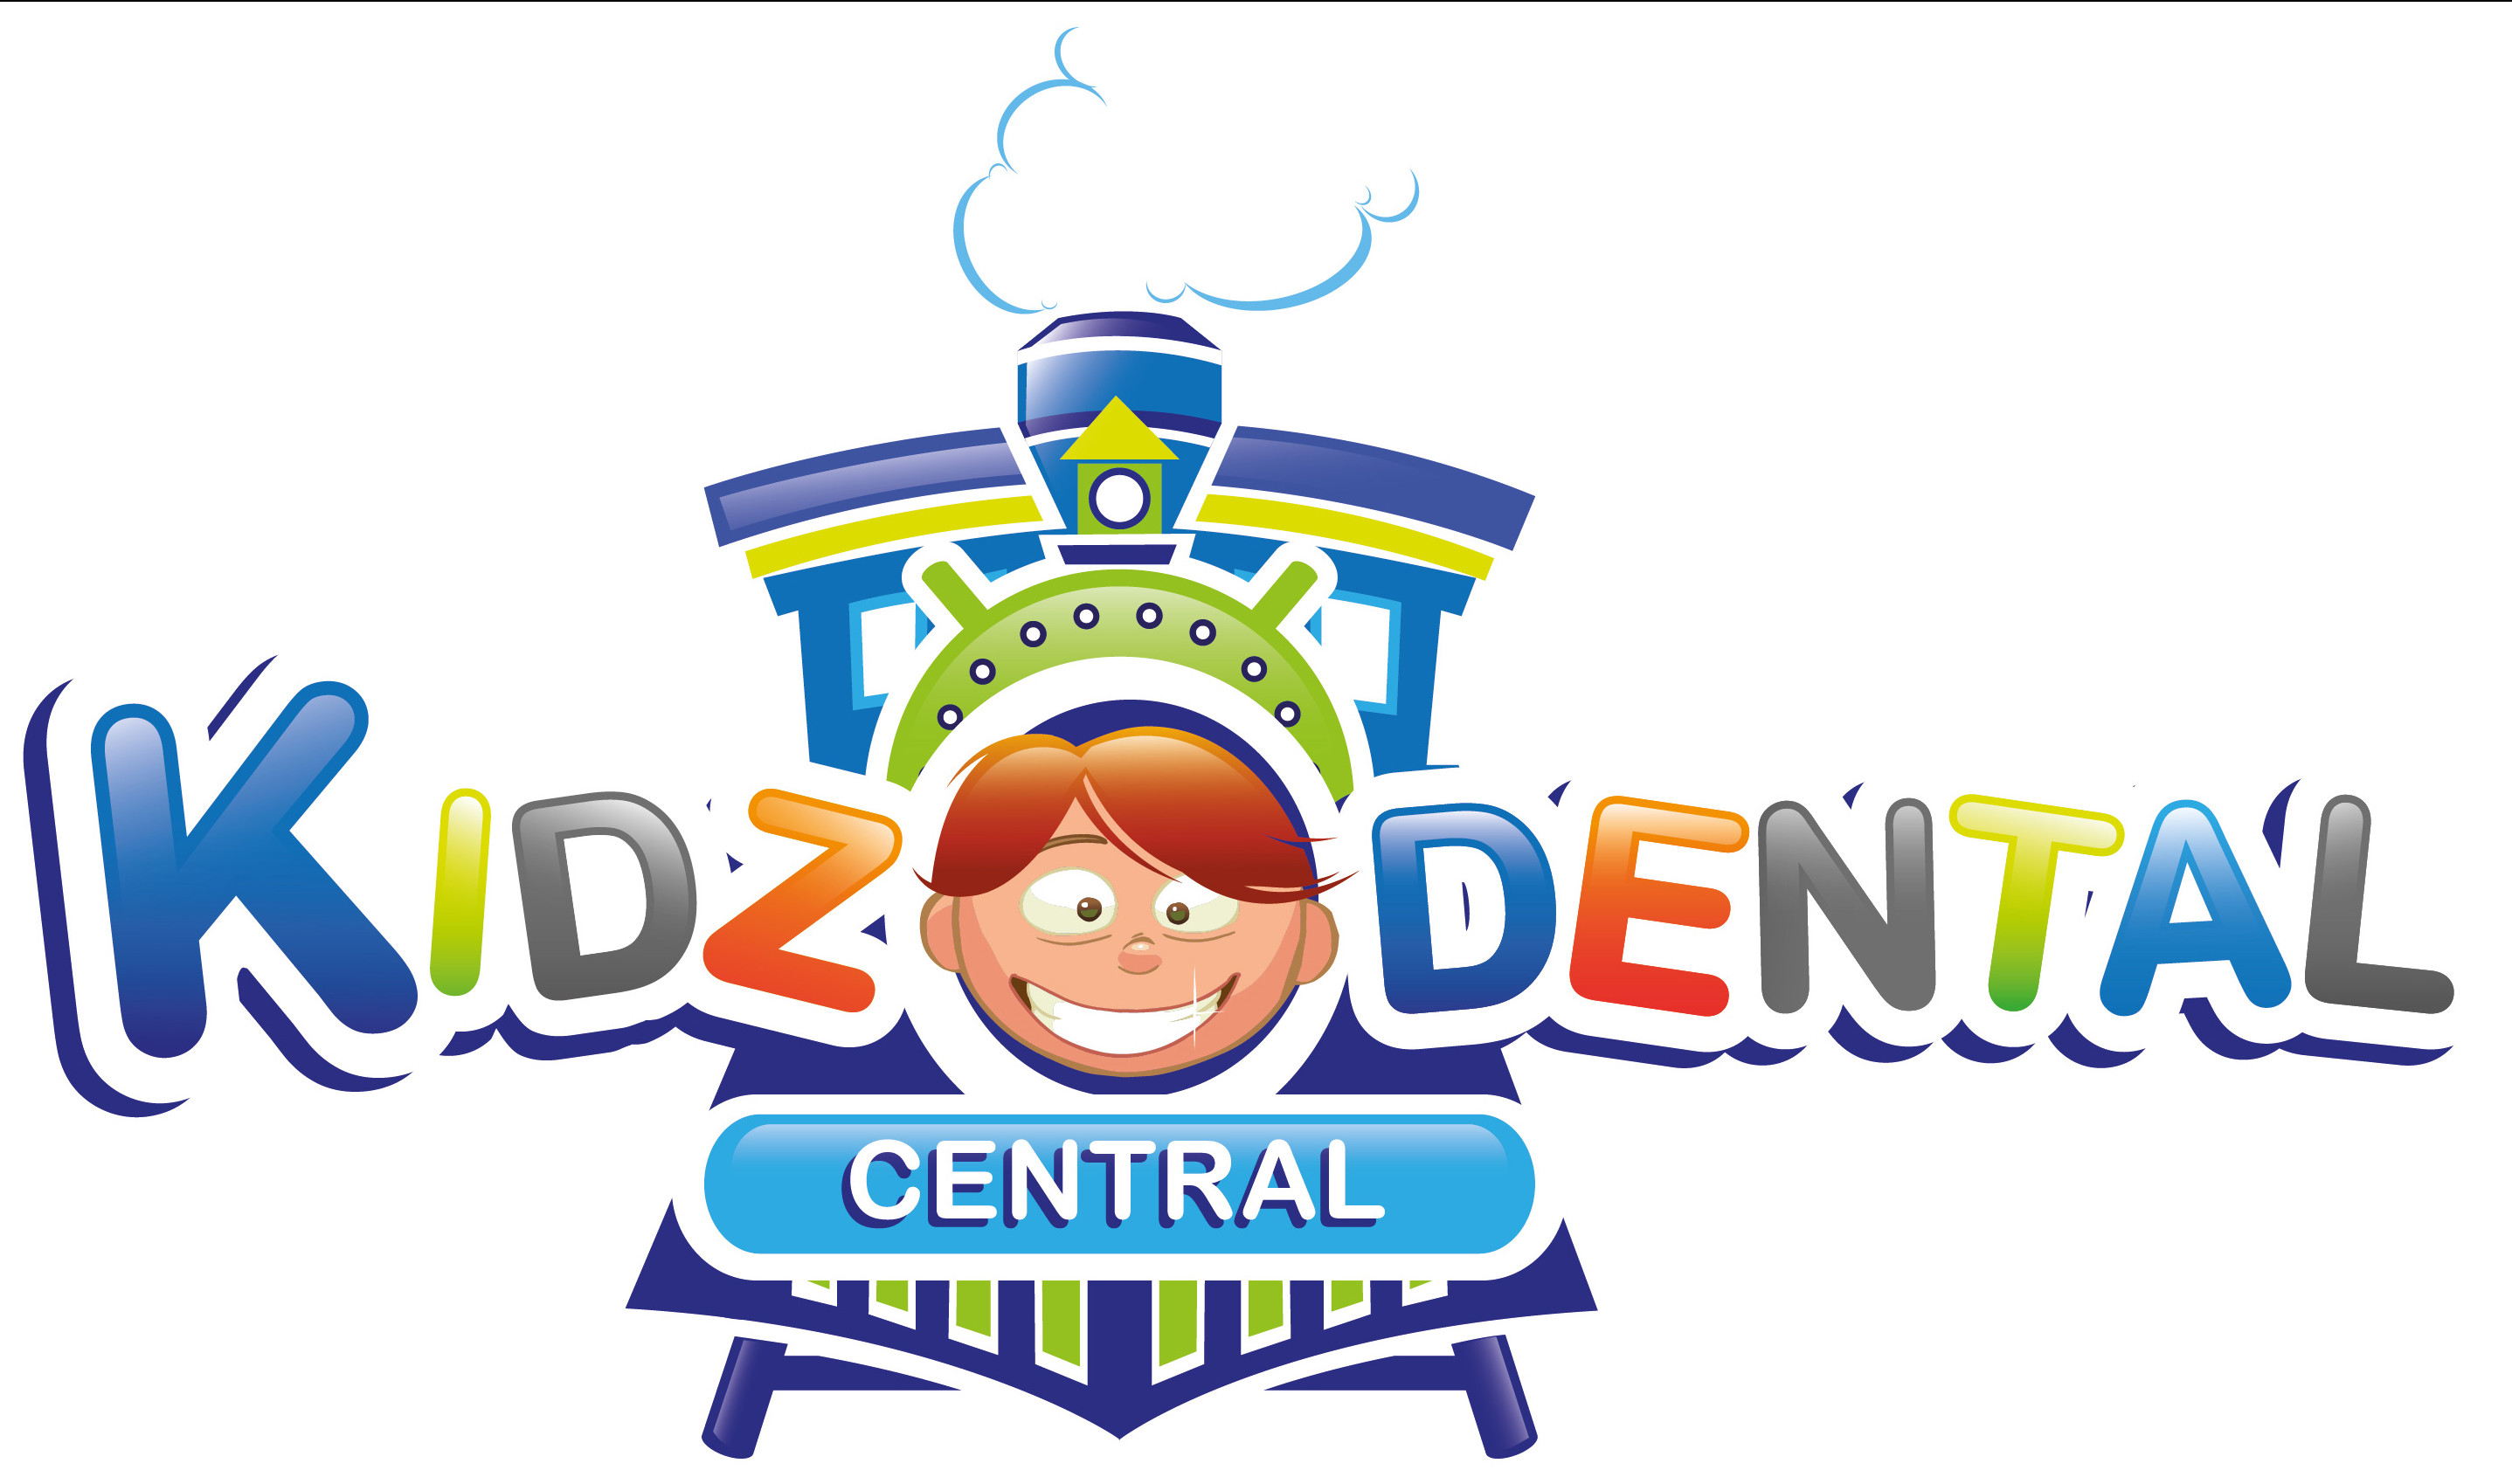 Kidz Dental